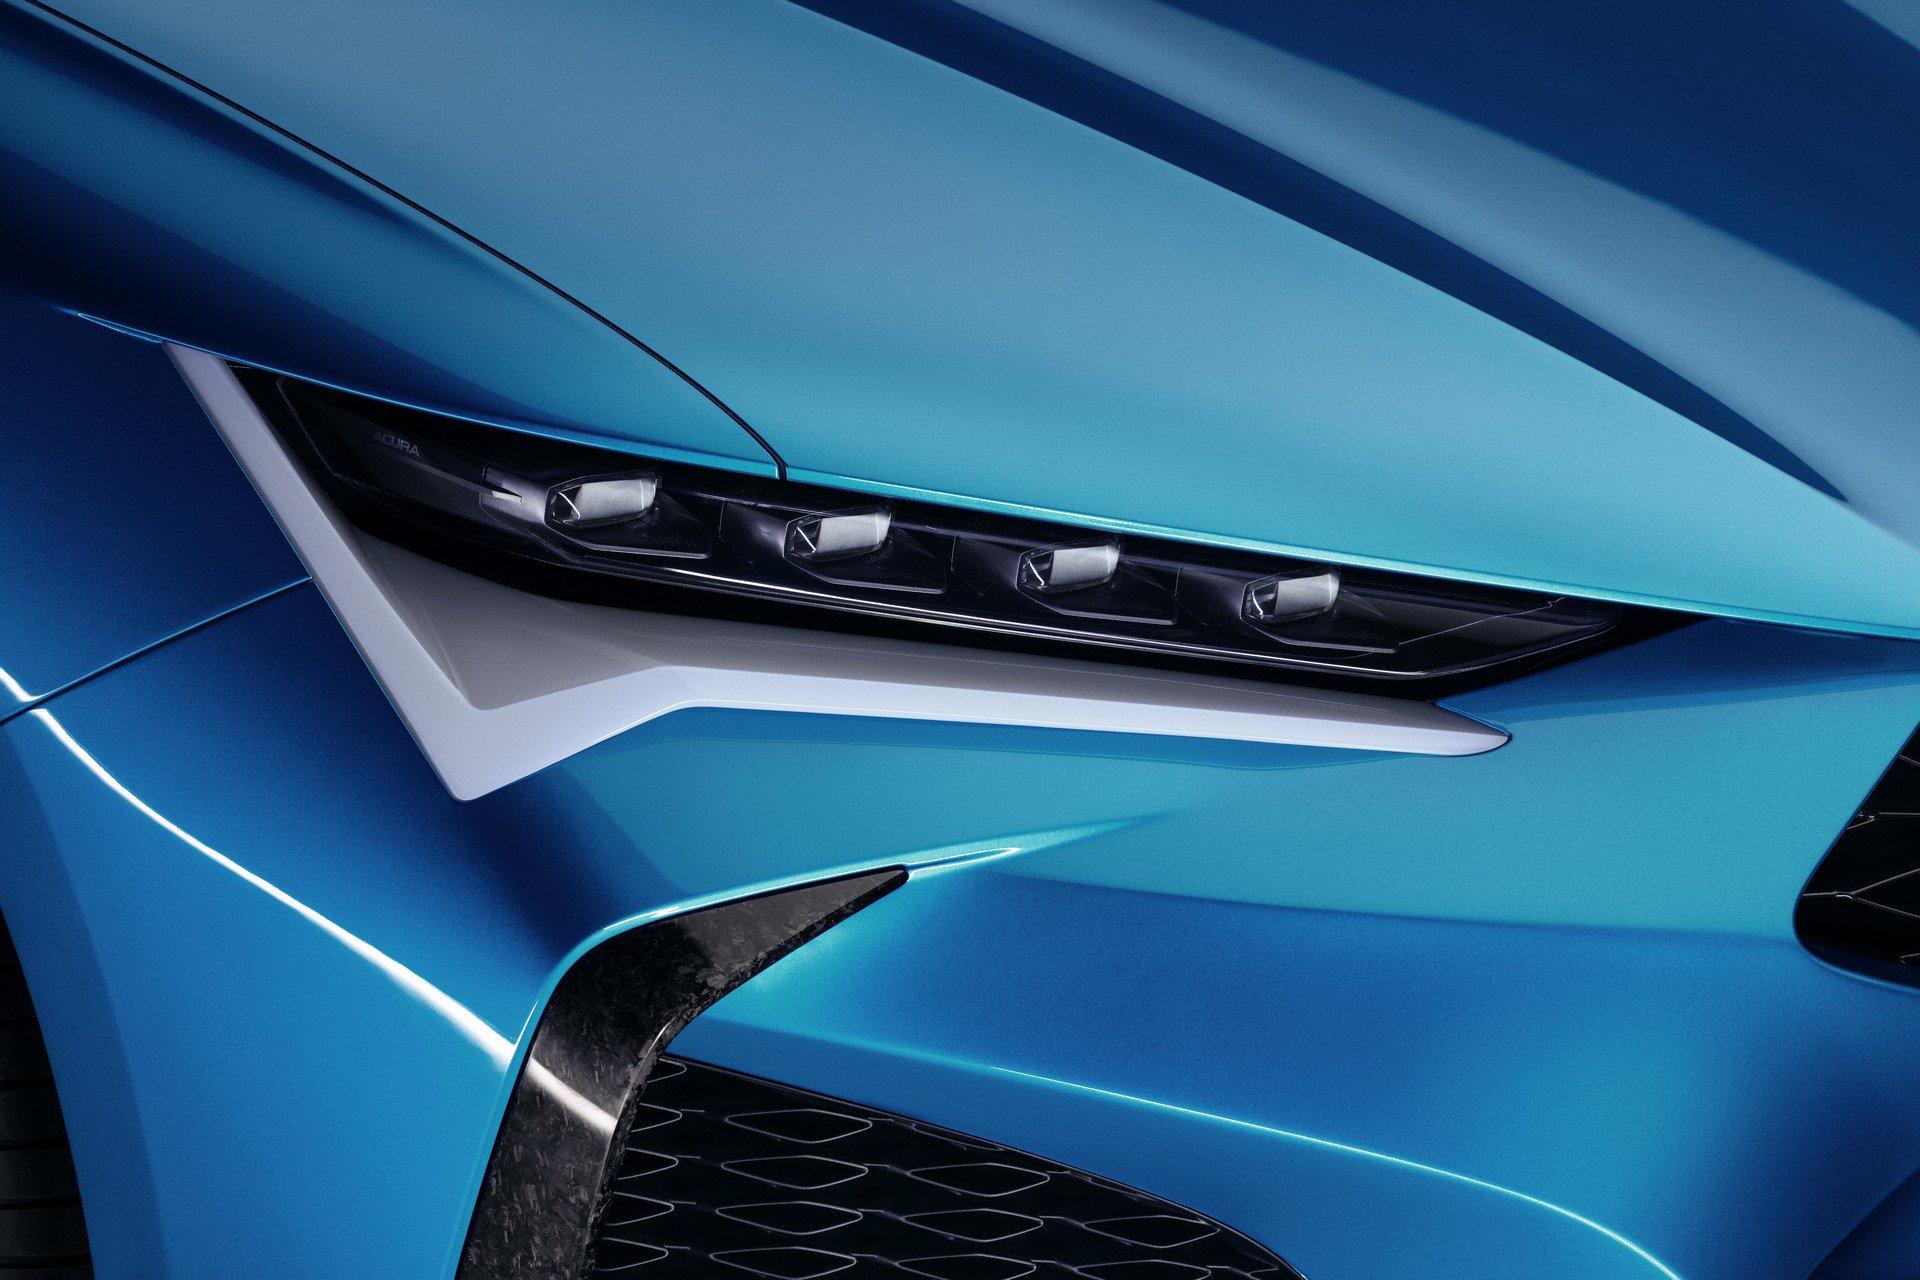 Acura-Type-S-Concept-10